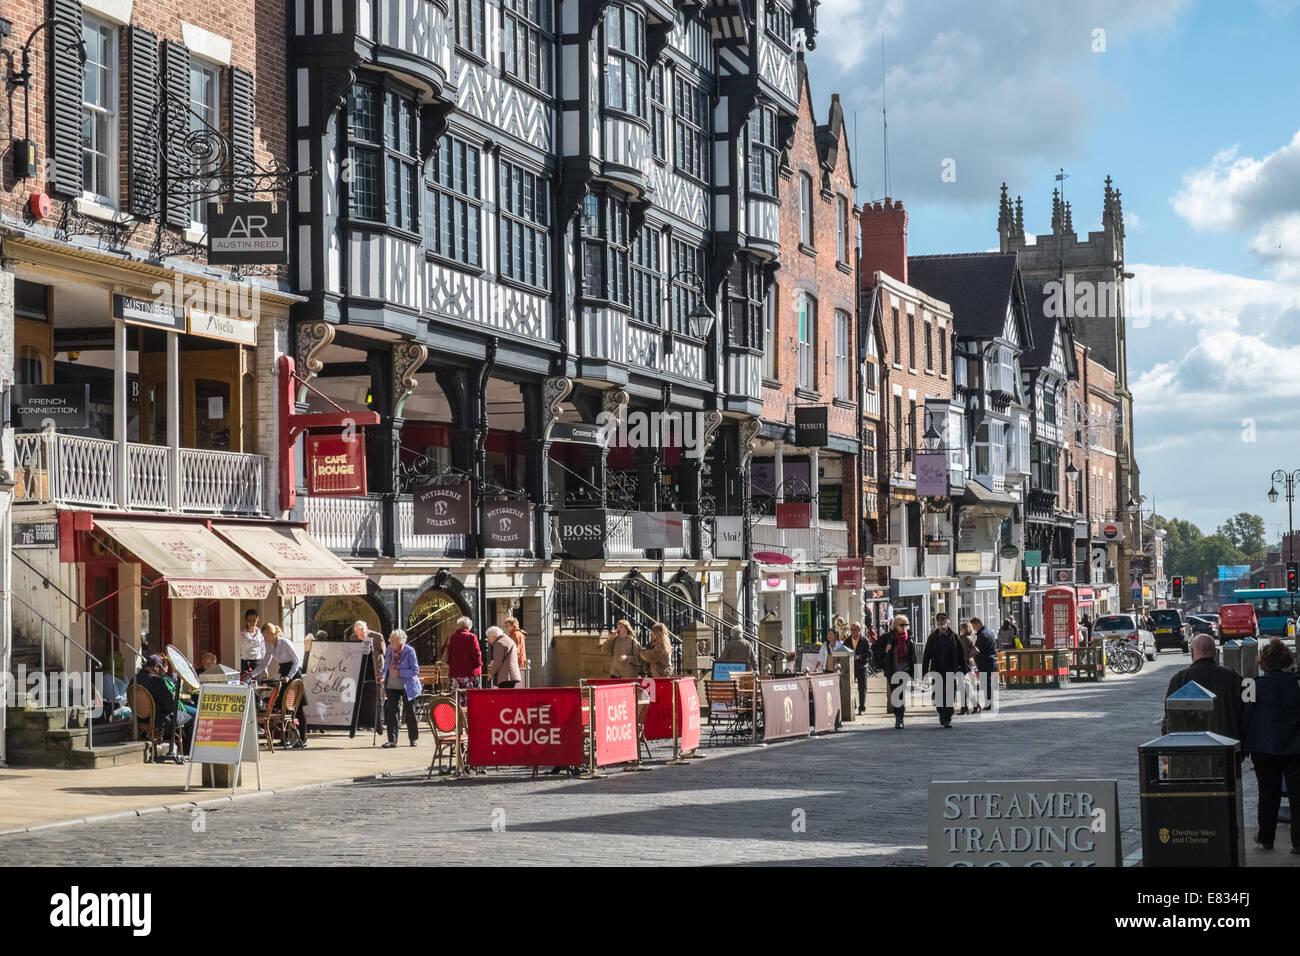 Grosvenor Shopping Centre, Bridge Street, Chester, Cheshire, England UK - Stock Image